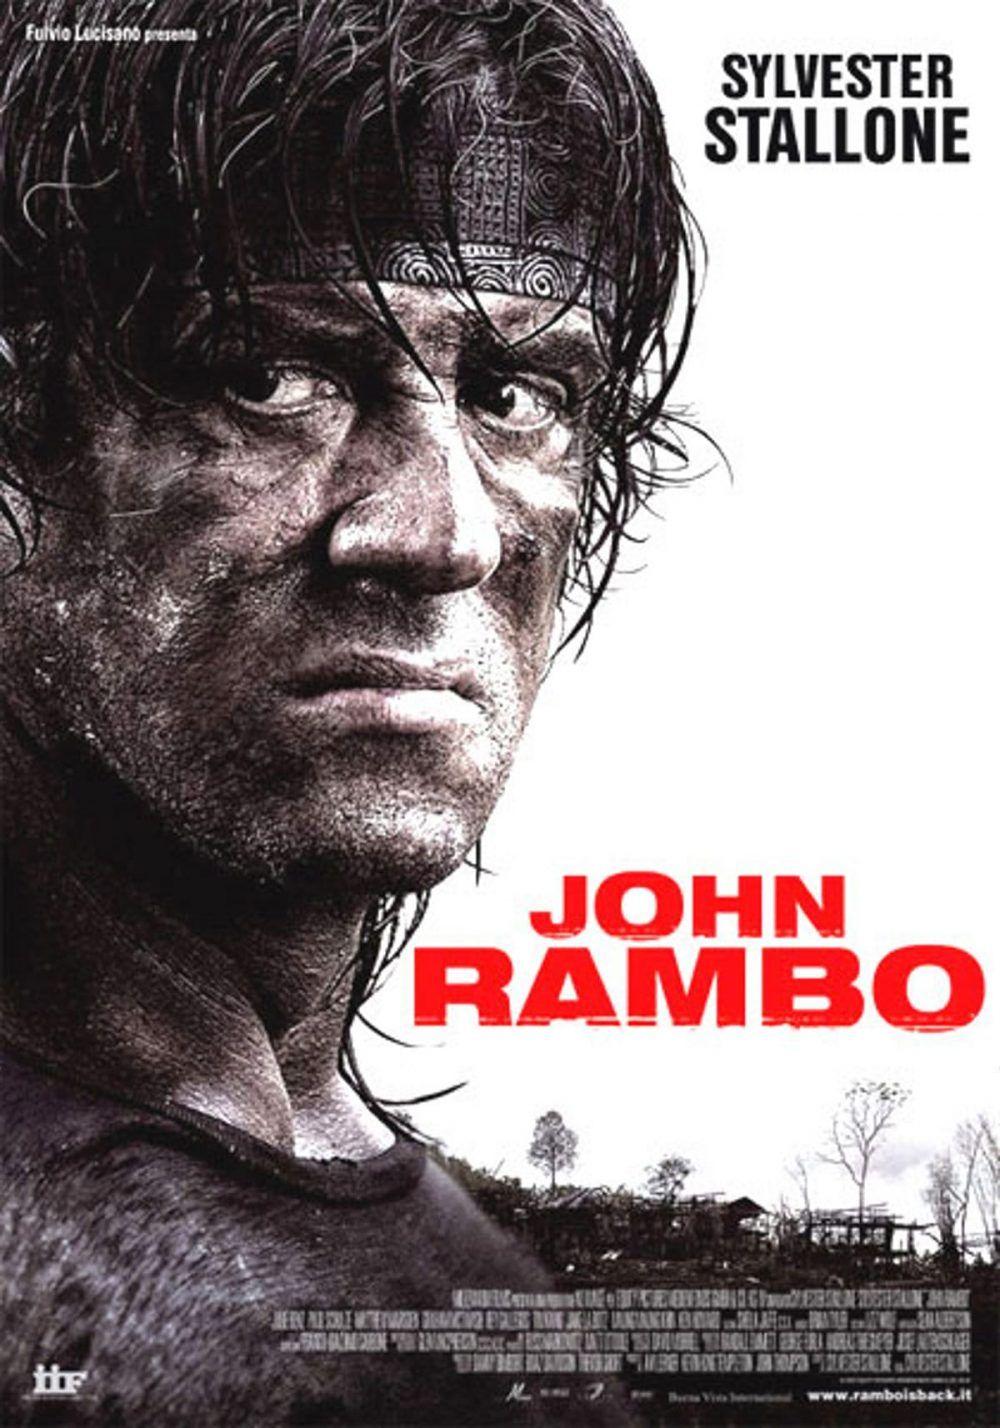 john rambo stream movie4k